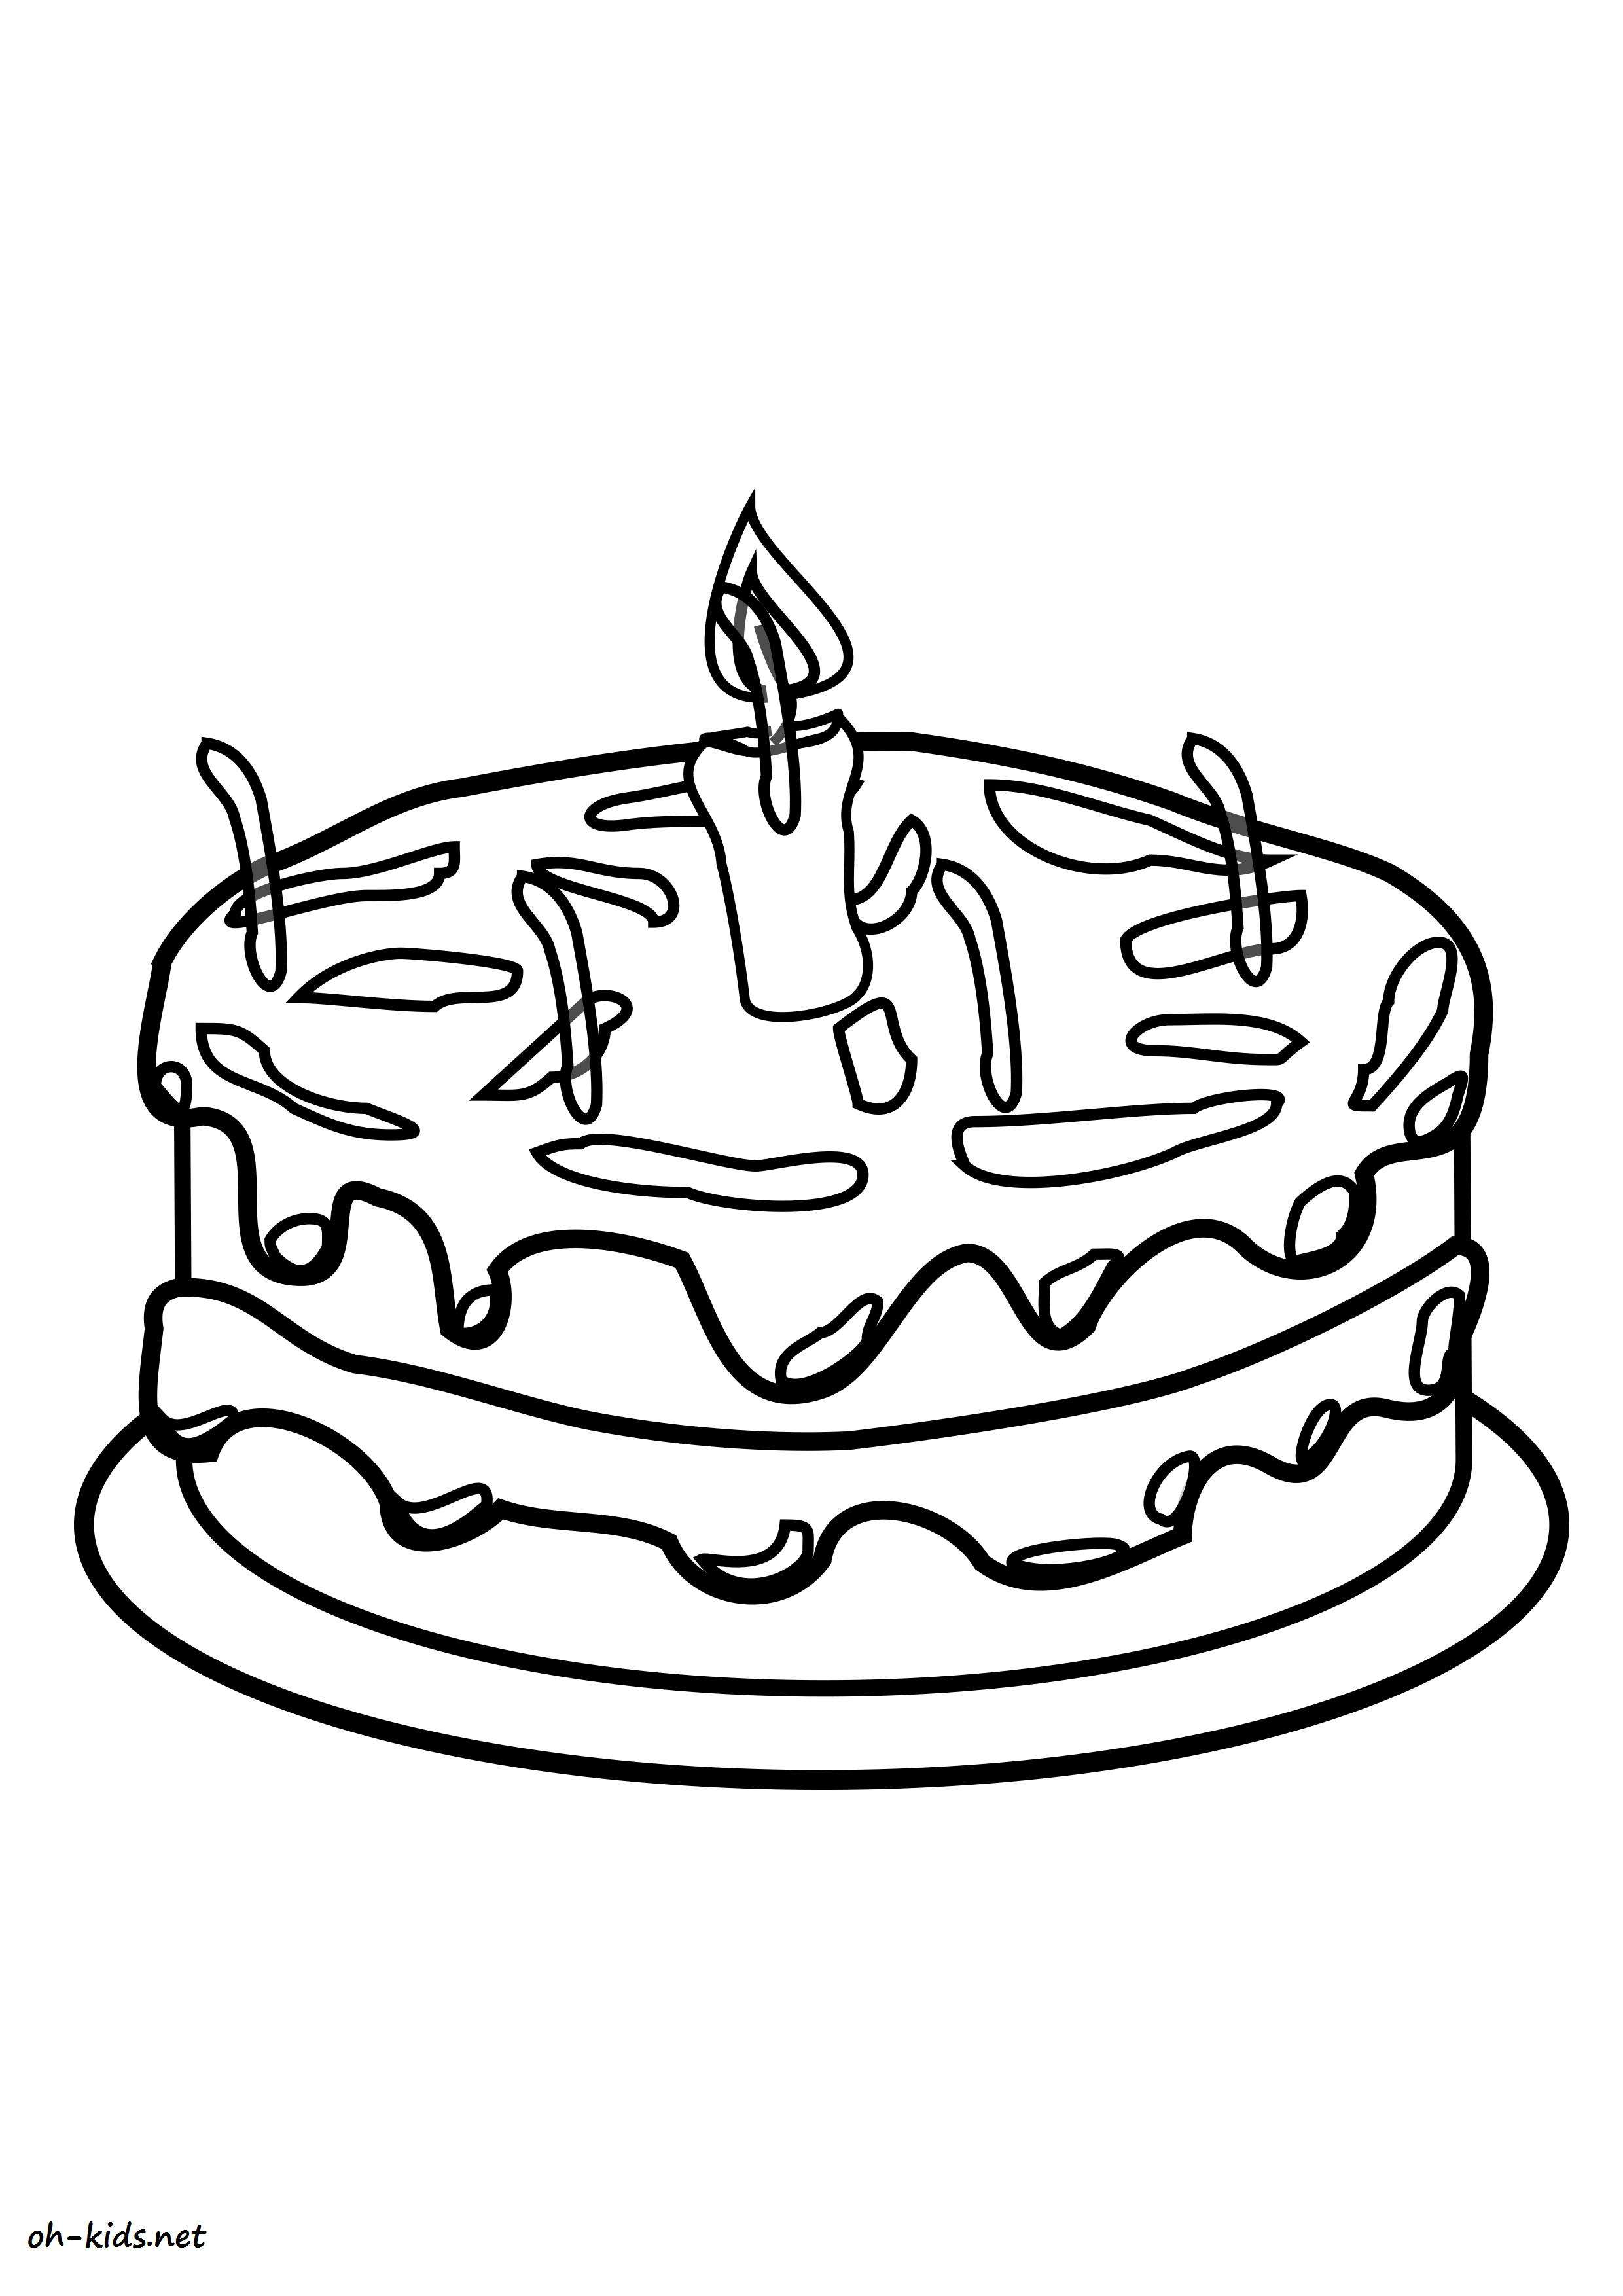 Luxe image gateau anniversaire a imprimer - Gateaux anniversaire dessin ...